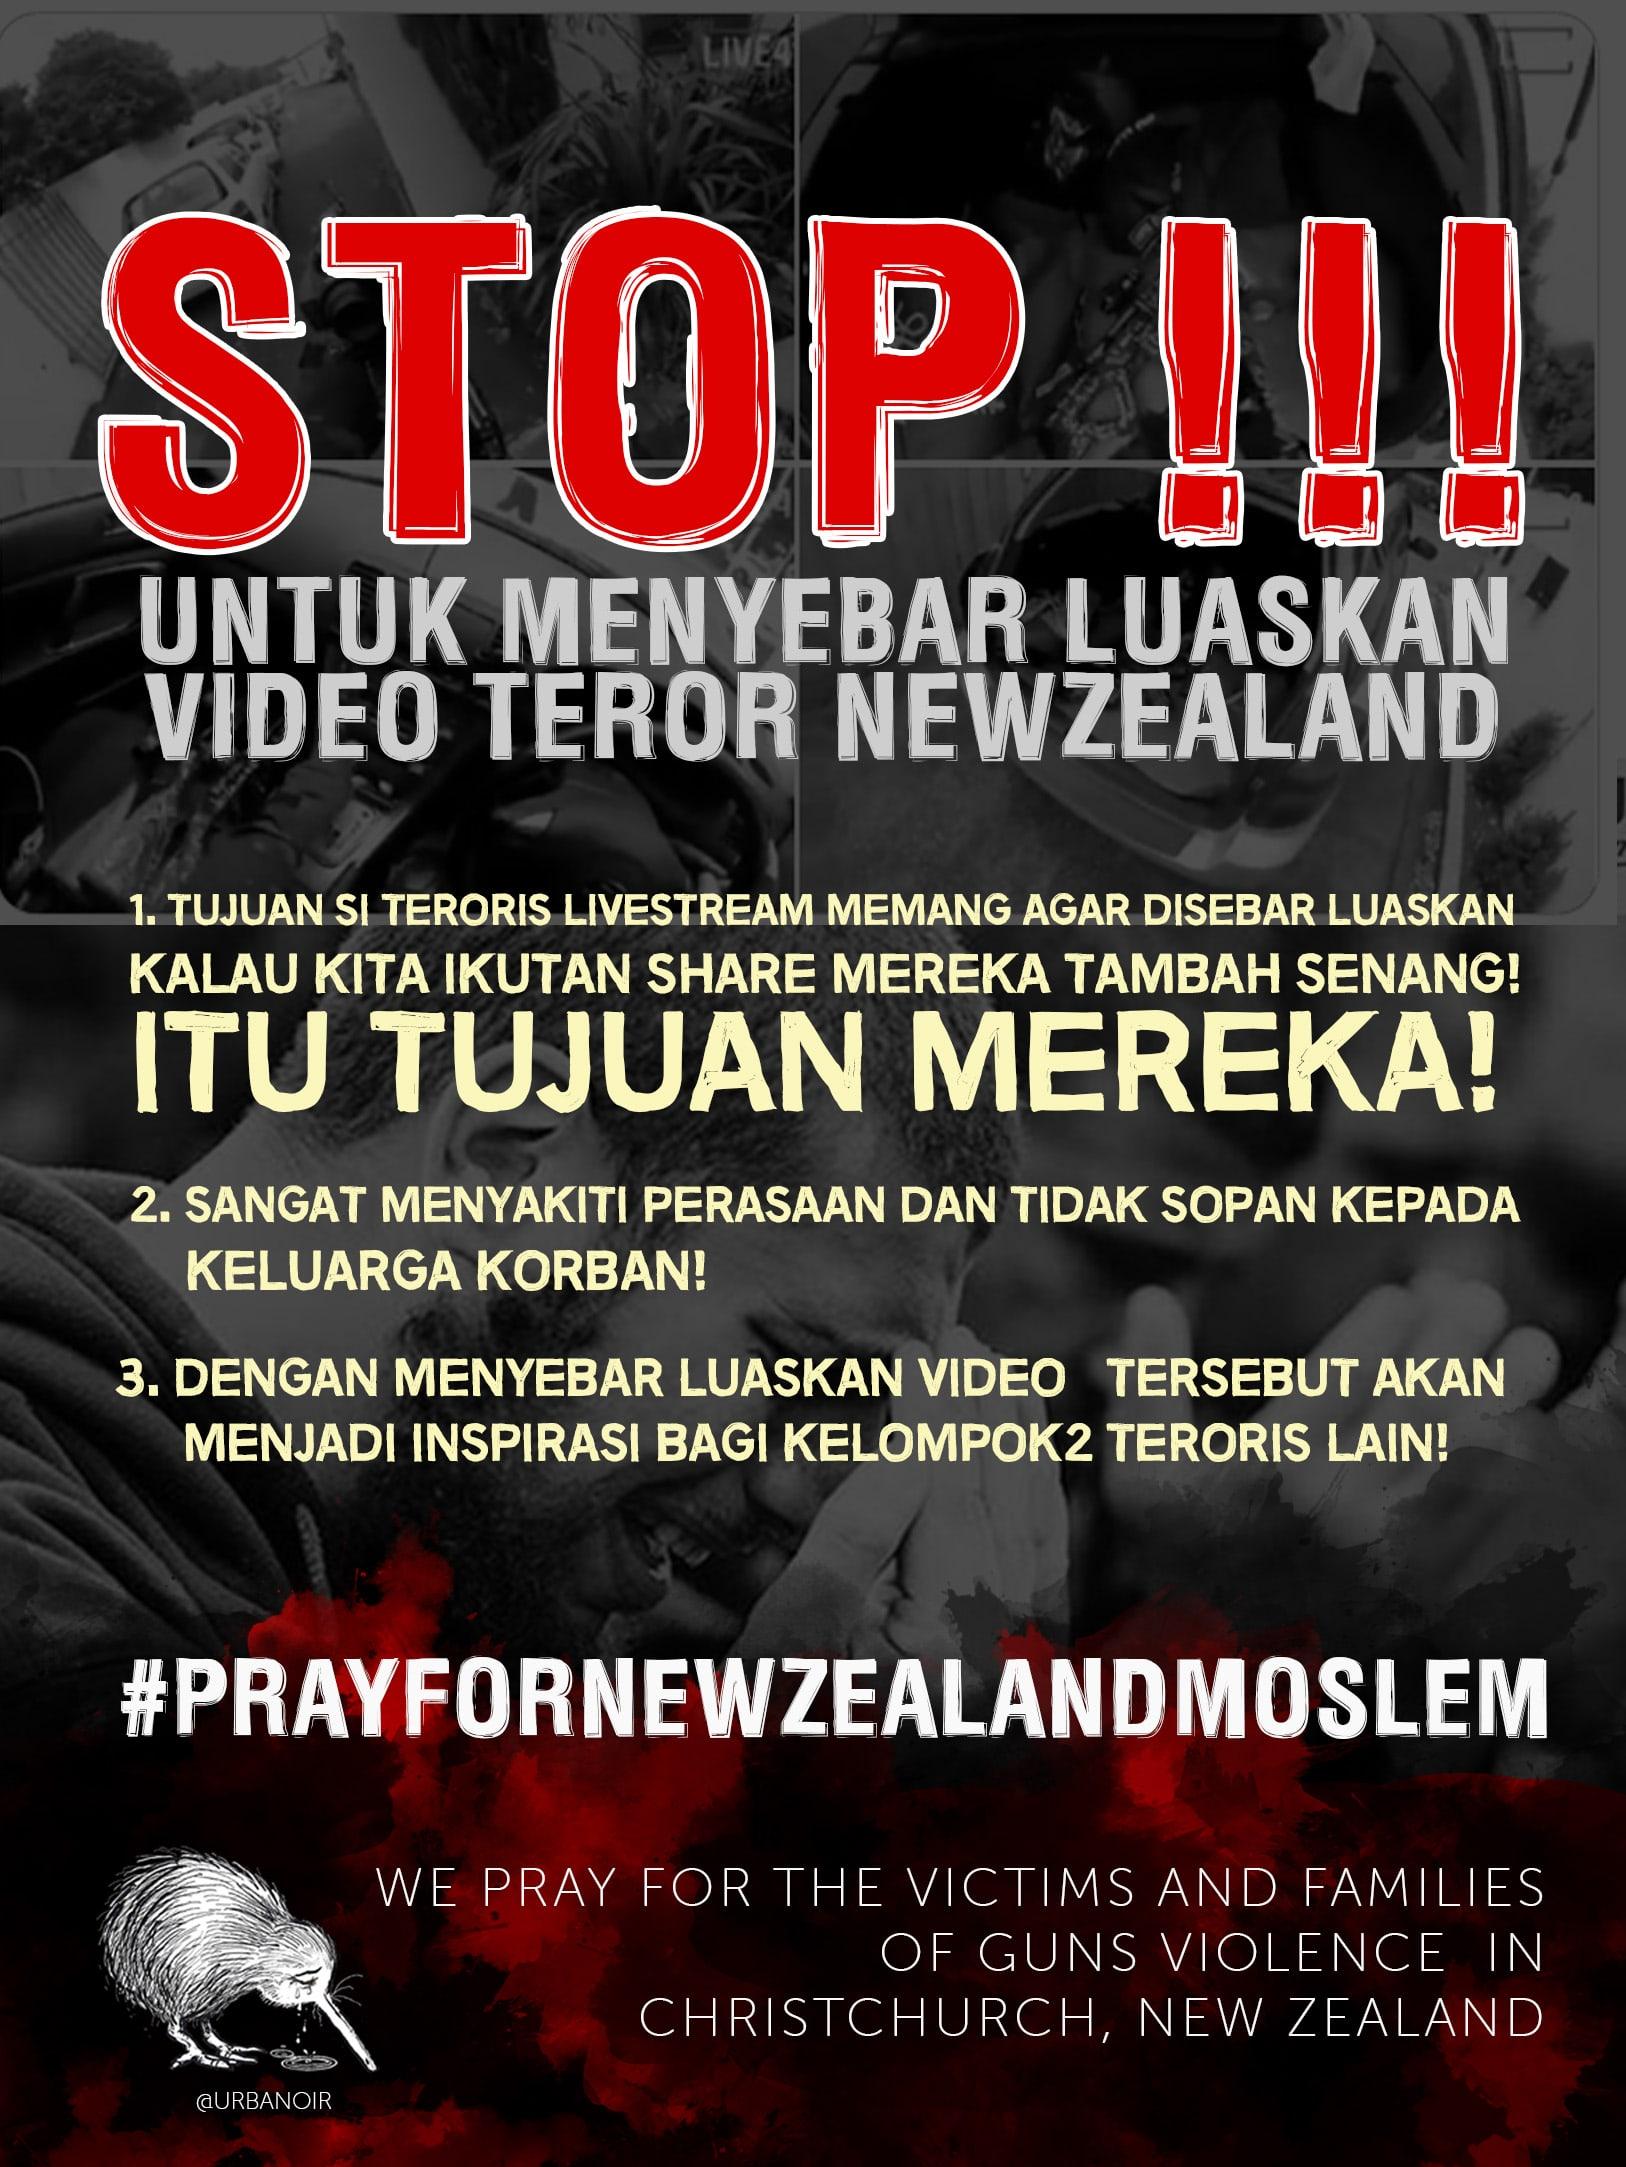 #PrayForNewZealandMoslem-